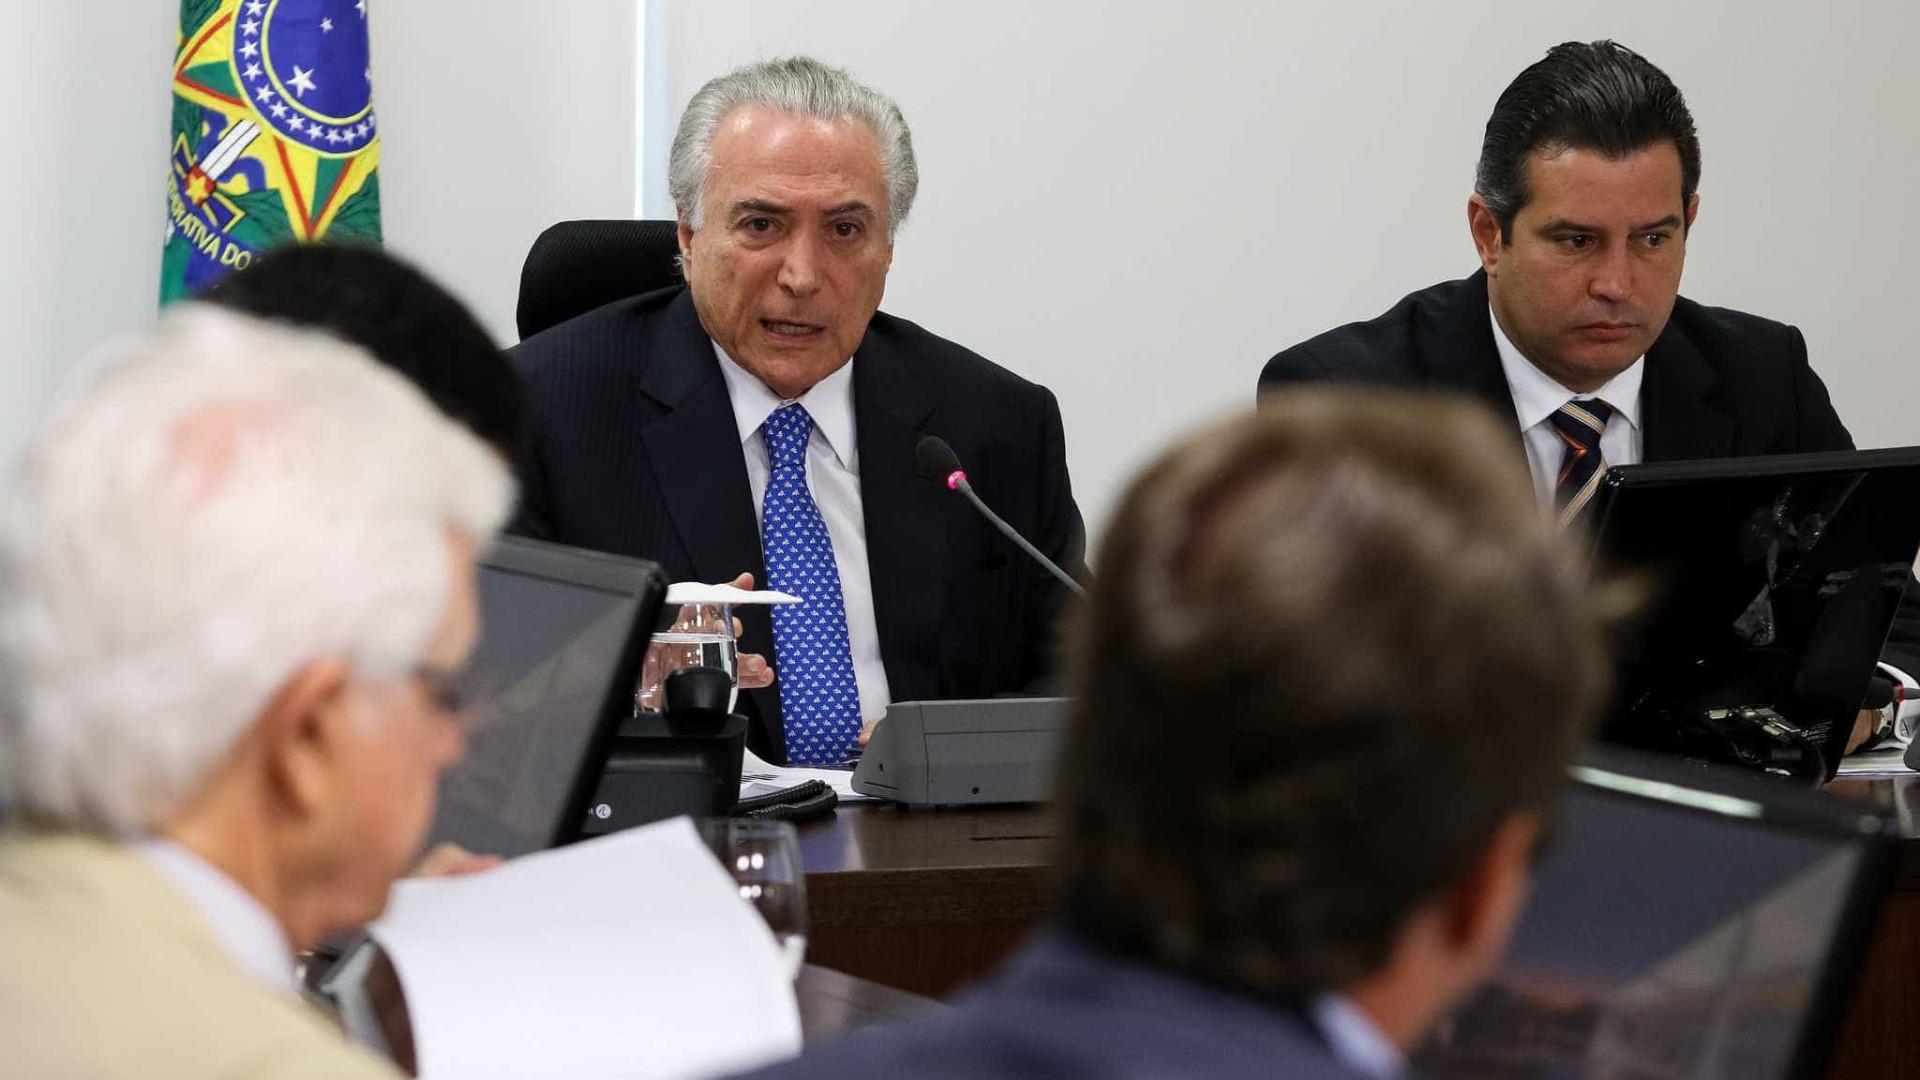 Presos vivem em situação desumana e  facções preocupam, diz Temer